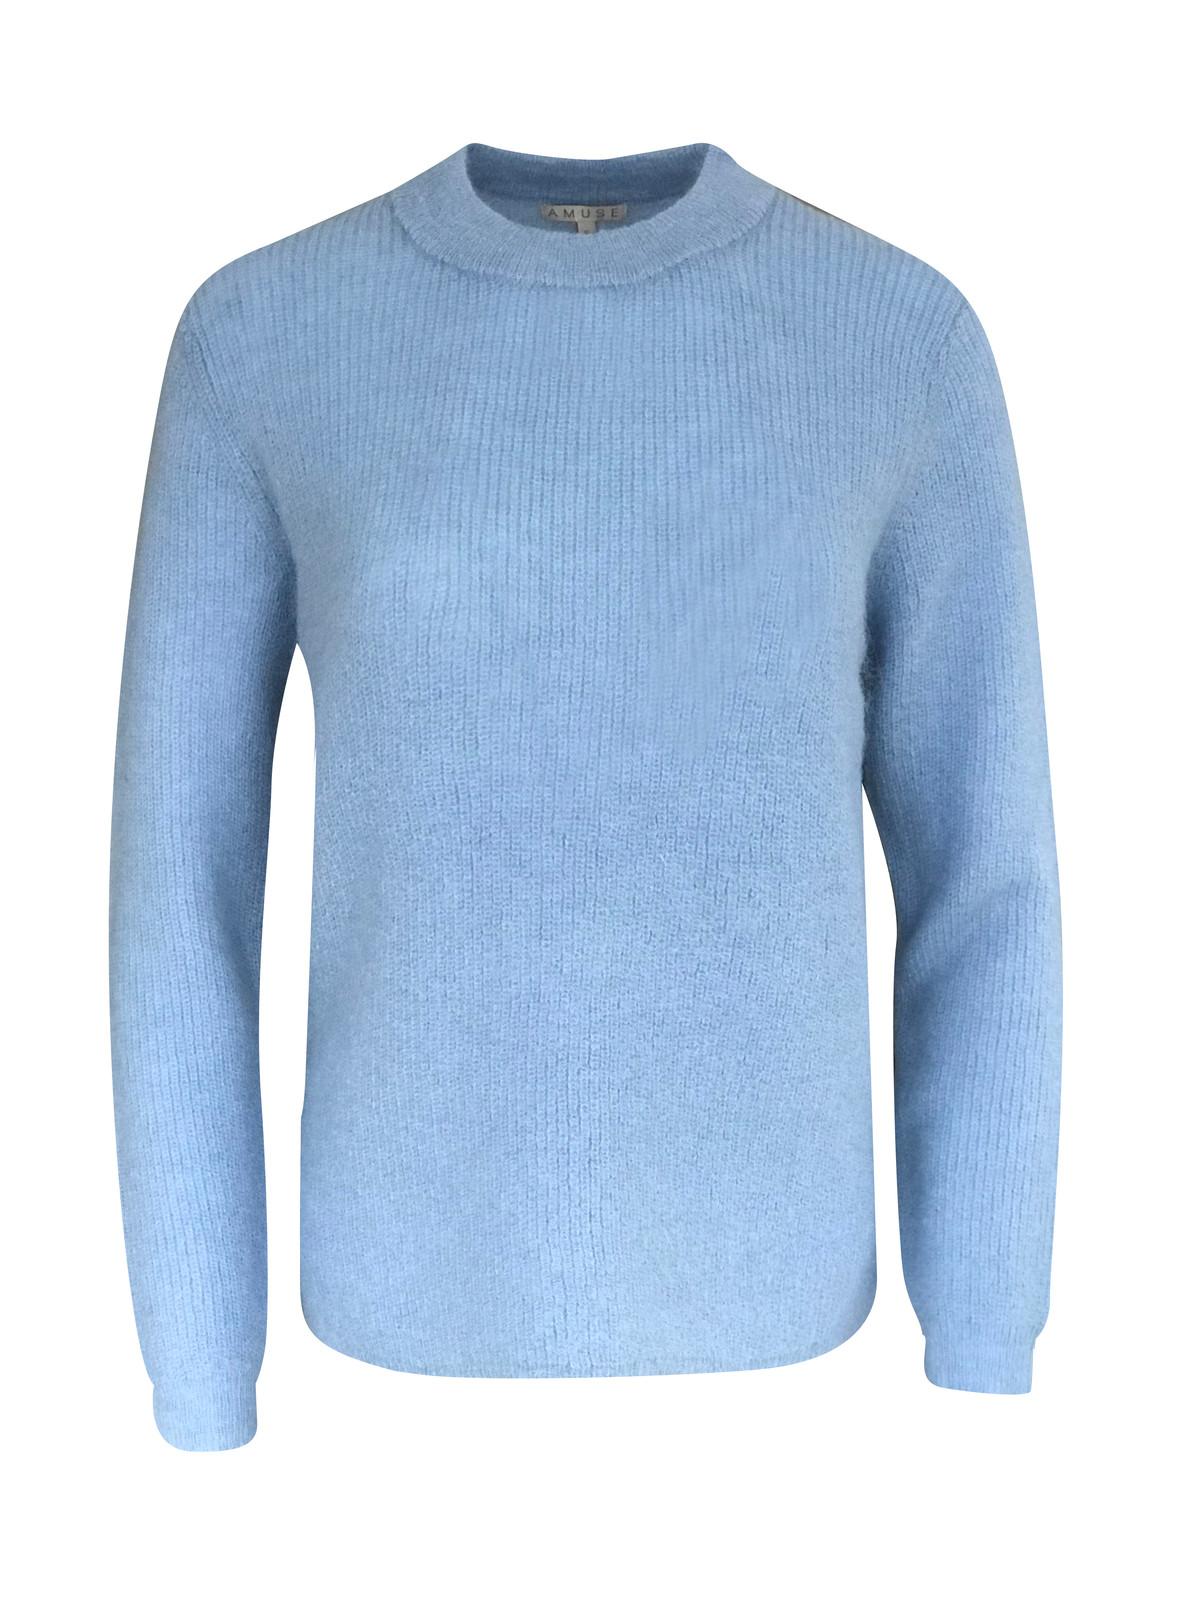 a26f1471 Strikket genser fra Amuse varenr. 2500